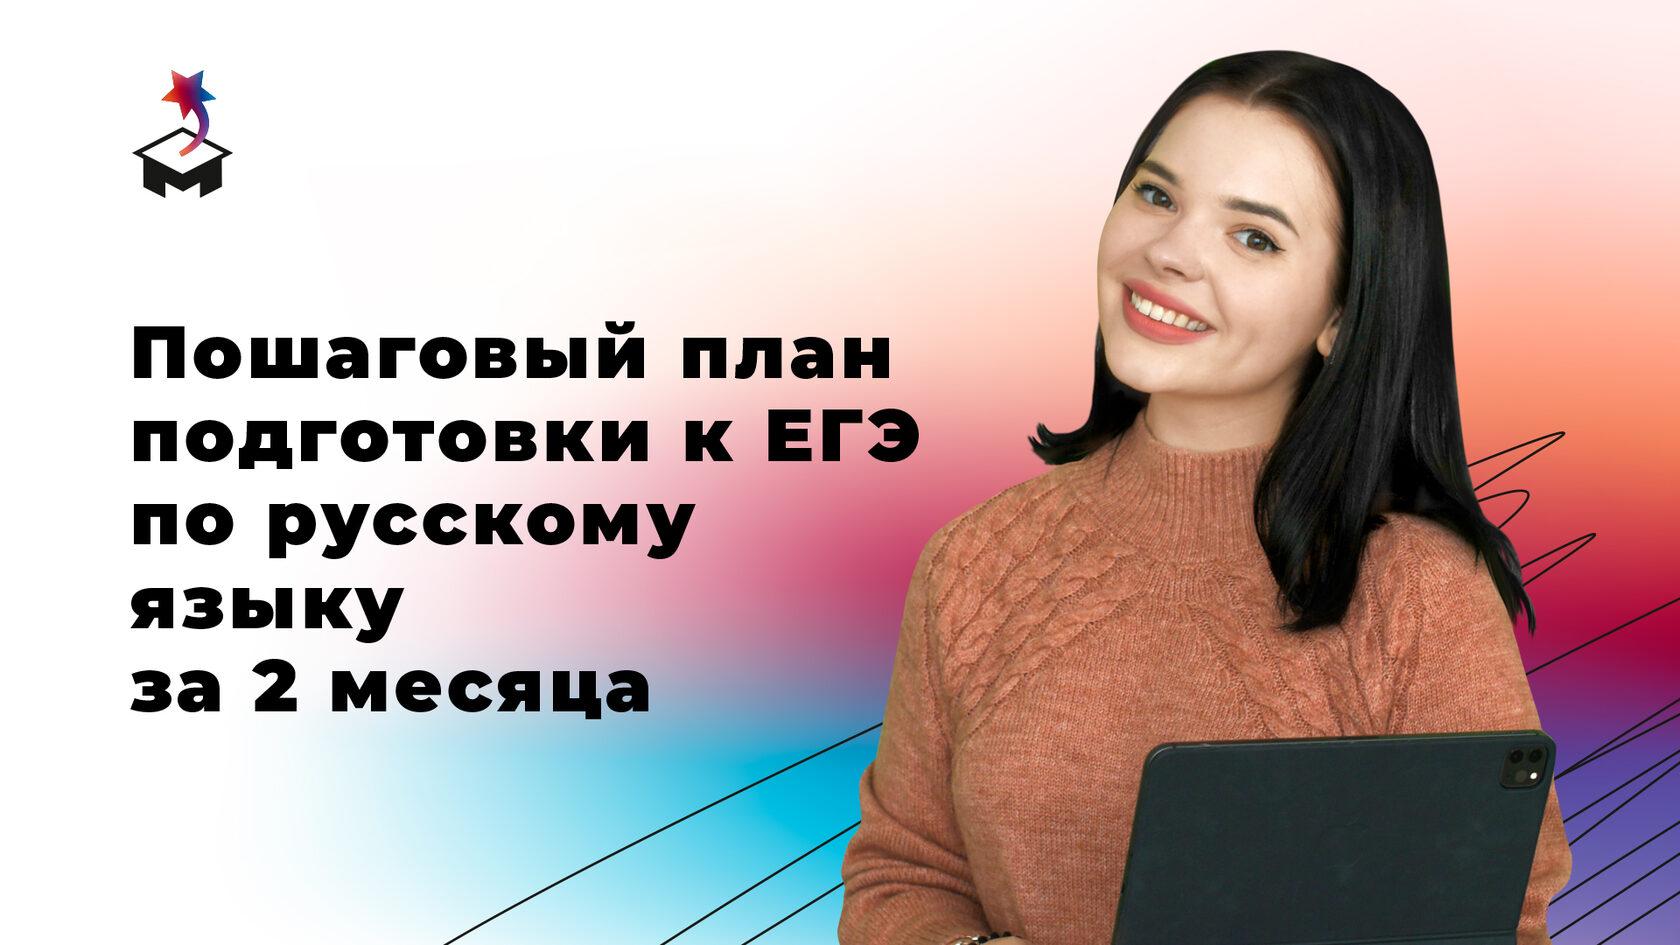 Преподаватель по русскому языку в Маркс Академии